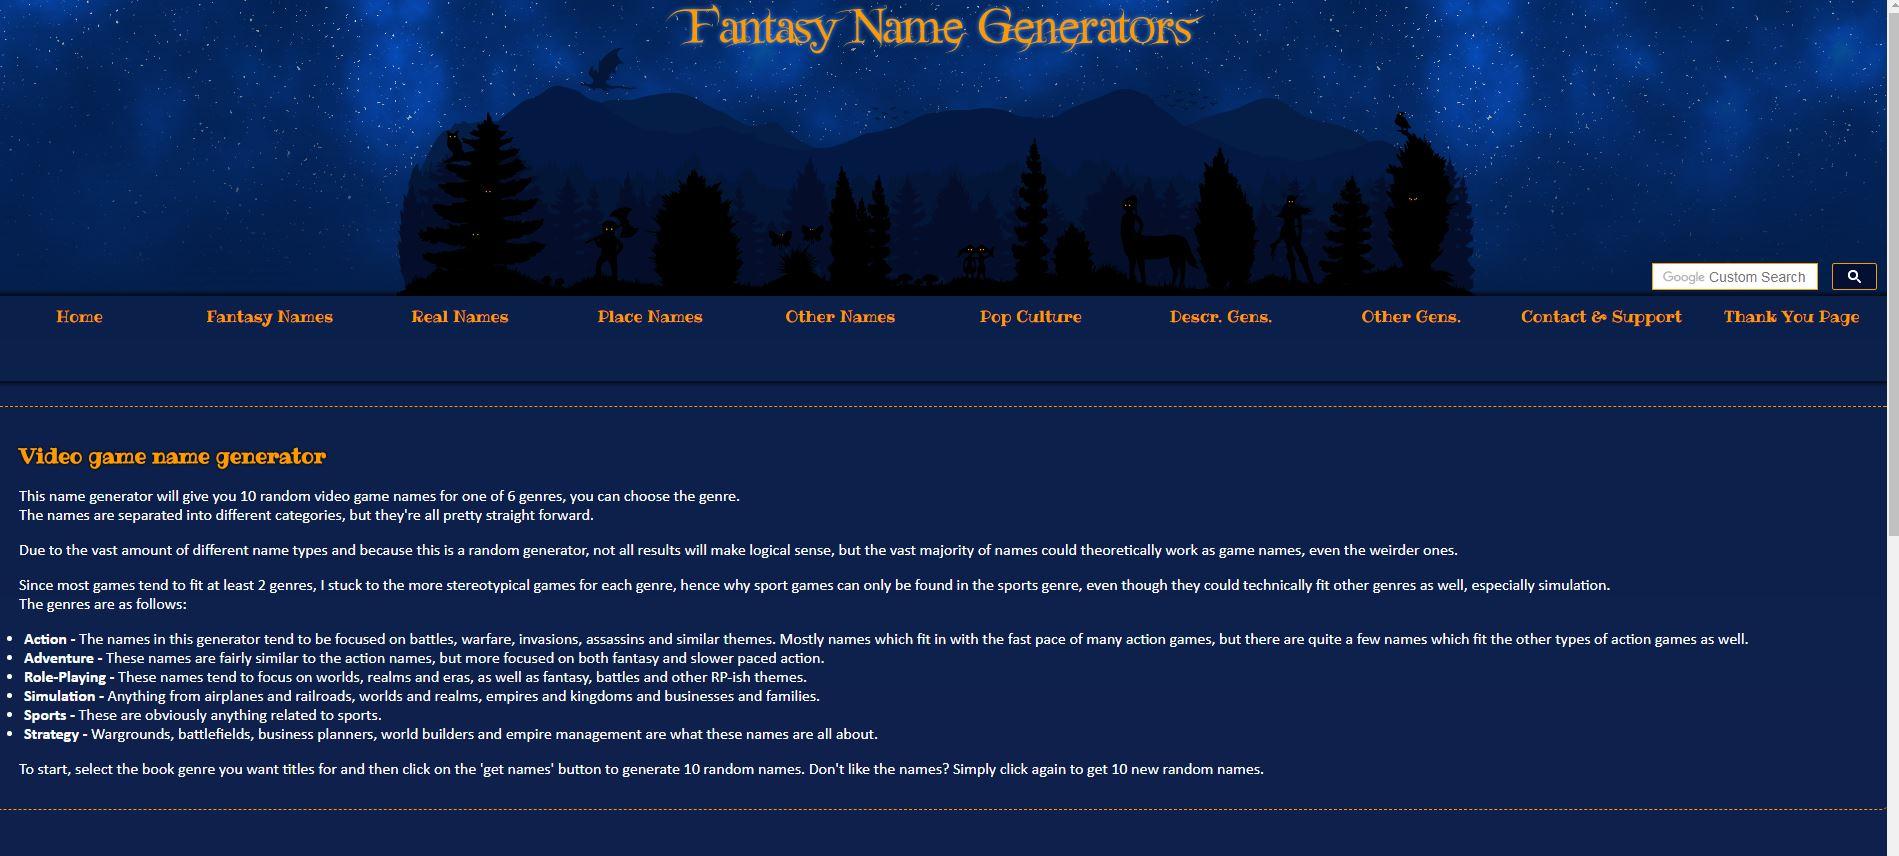 Die besten Nickname Generatoren für Steam, PSN und Co.